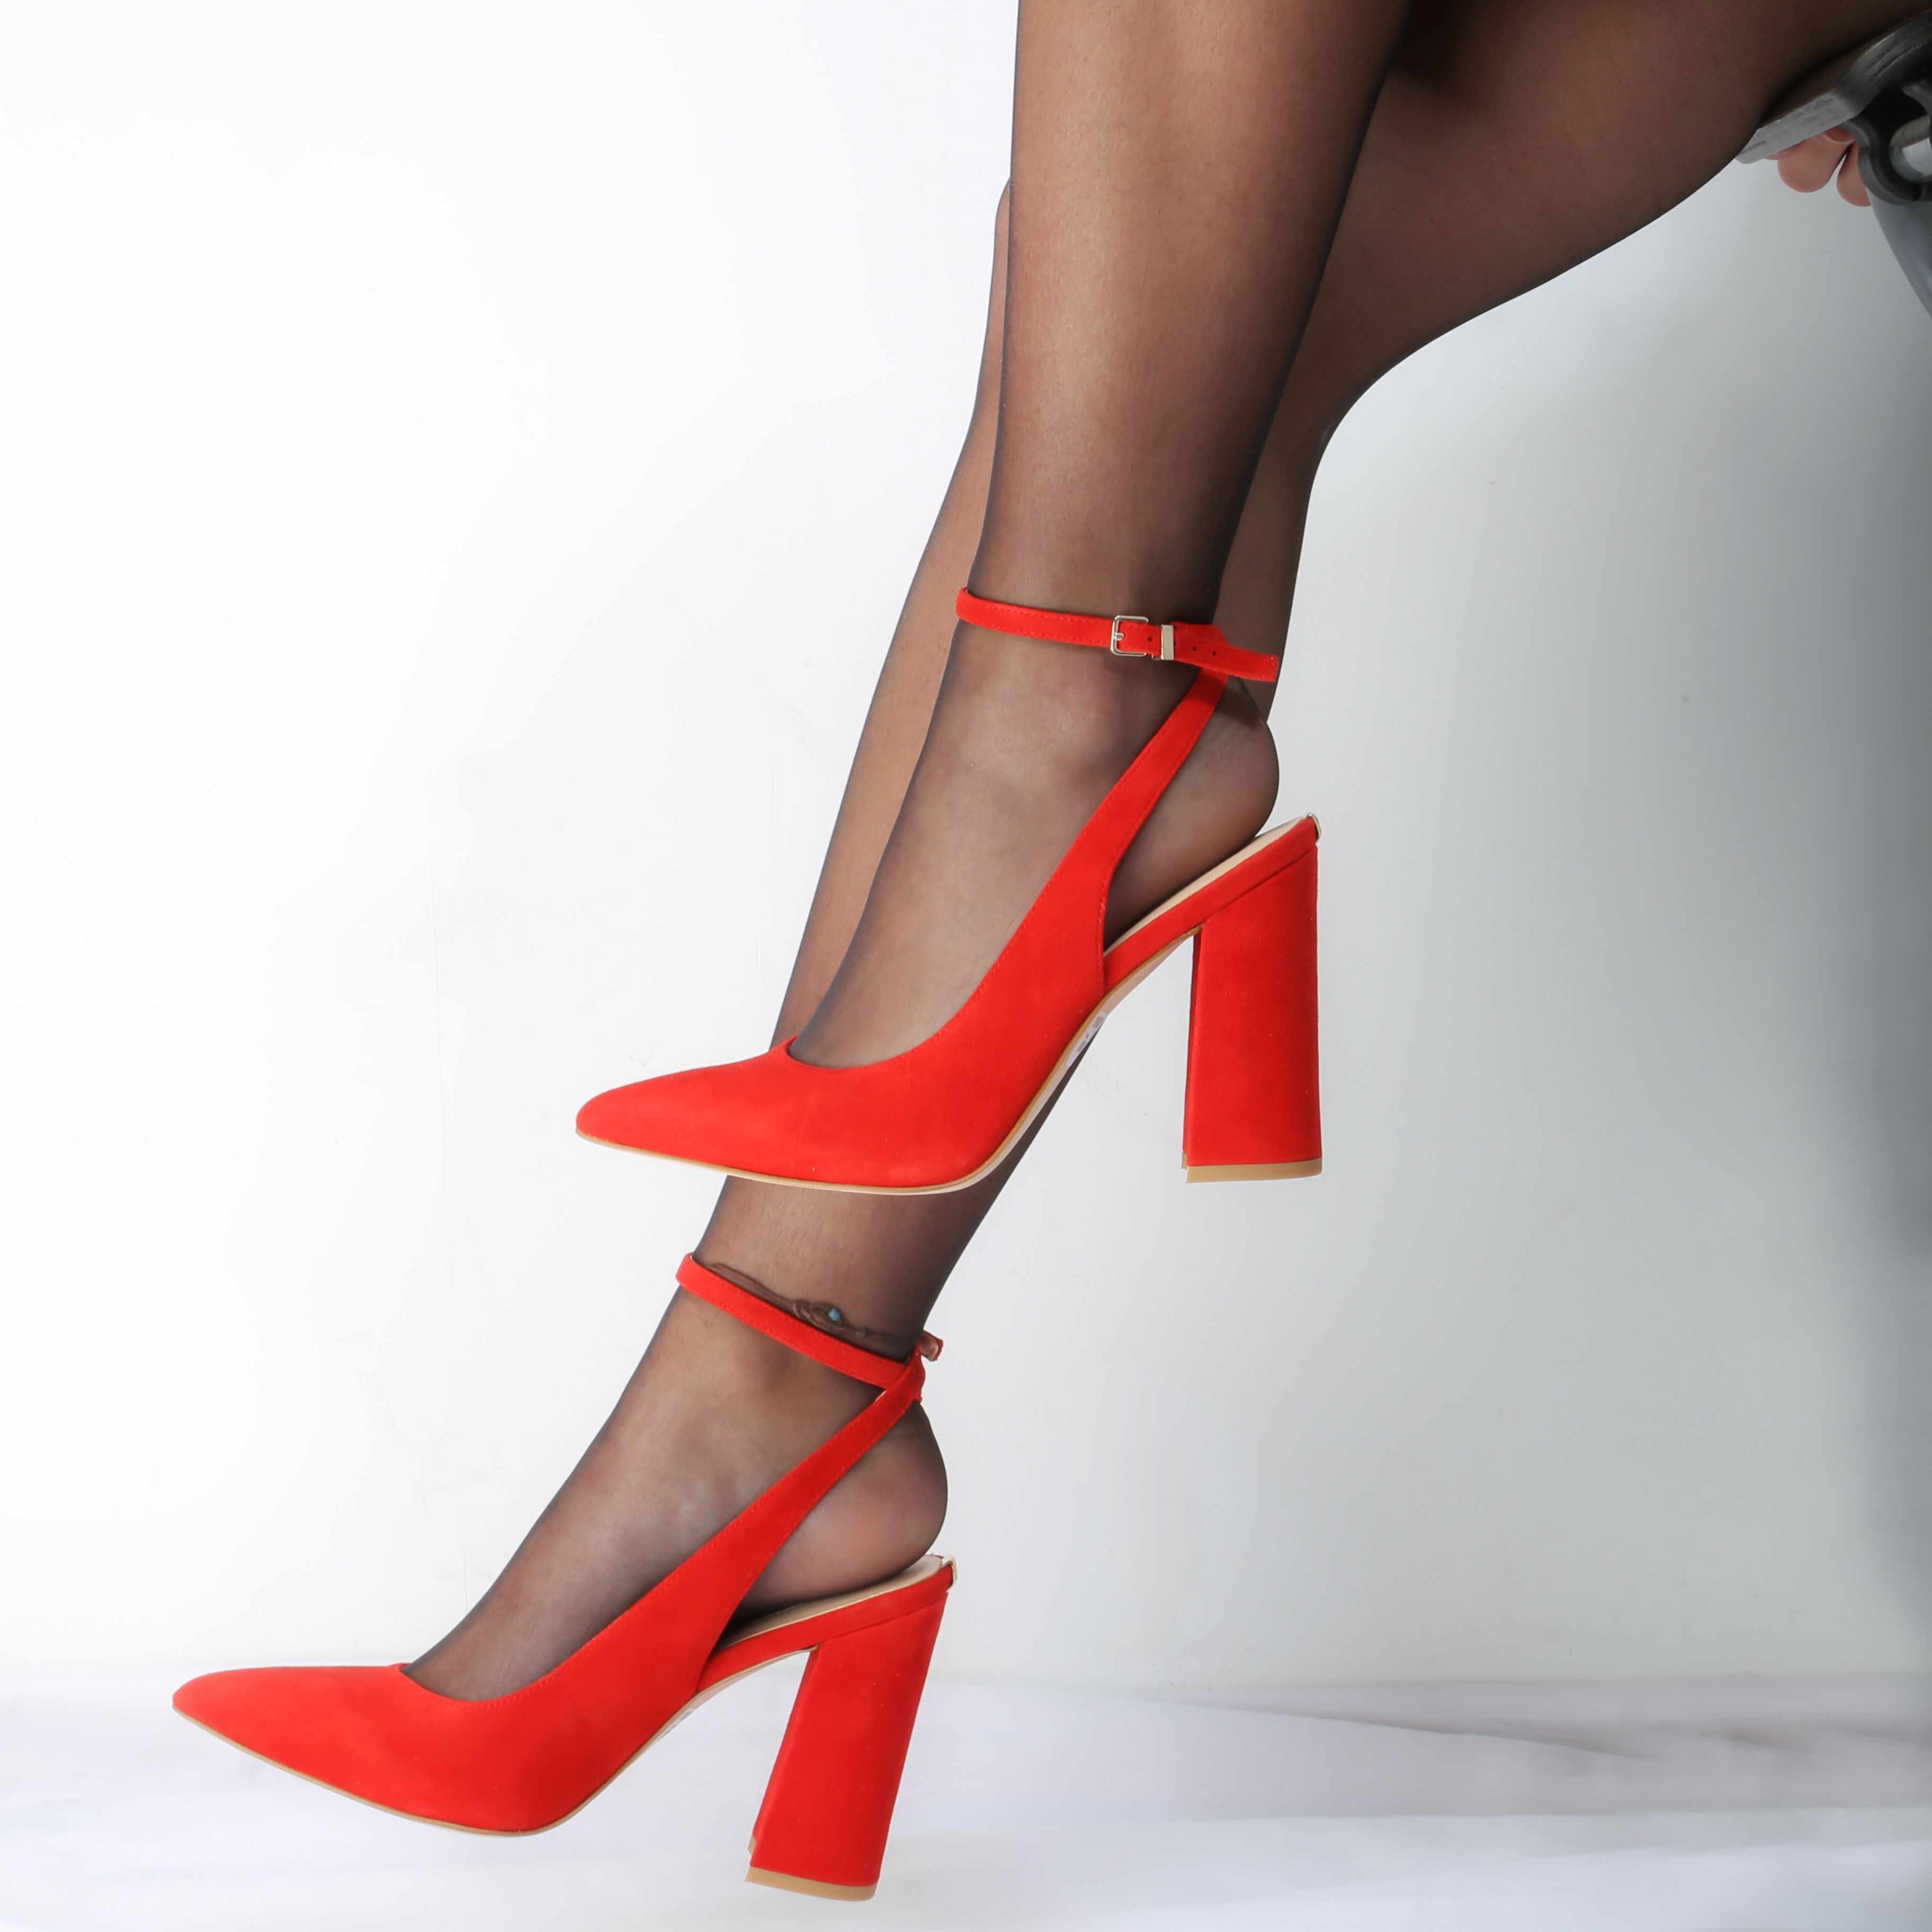 El tacón ancho se impone la próxima temporada Encuentra estos zapatos rojos  ❤ de Guess en nuestras tiendas y en ...